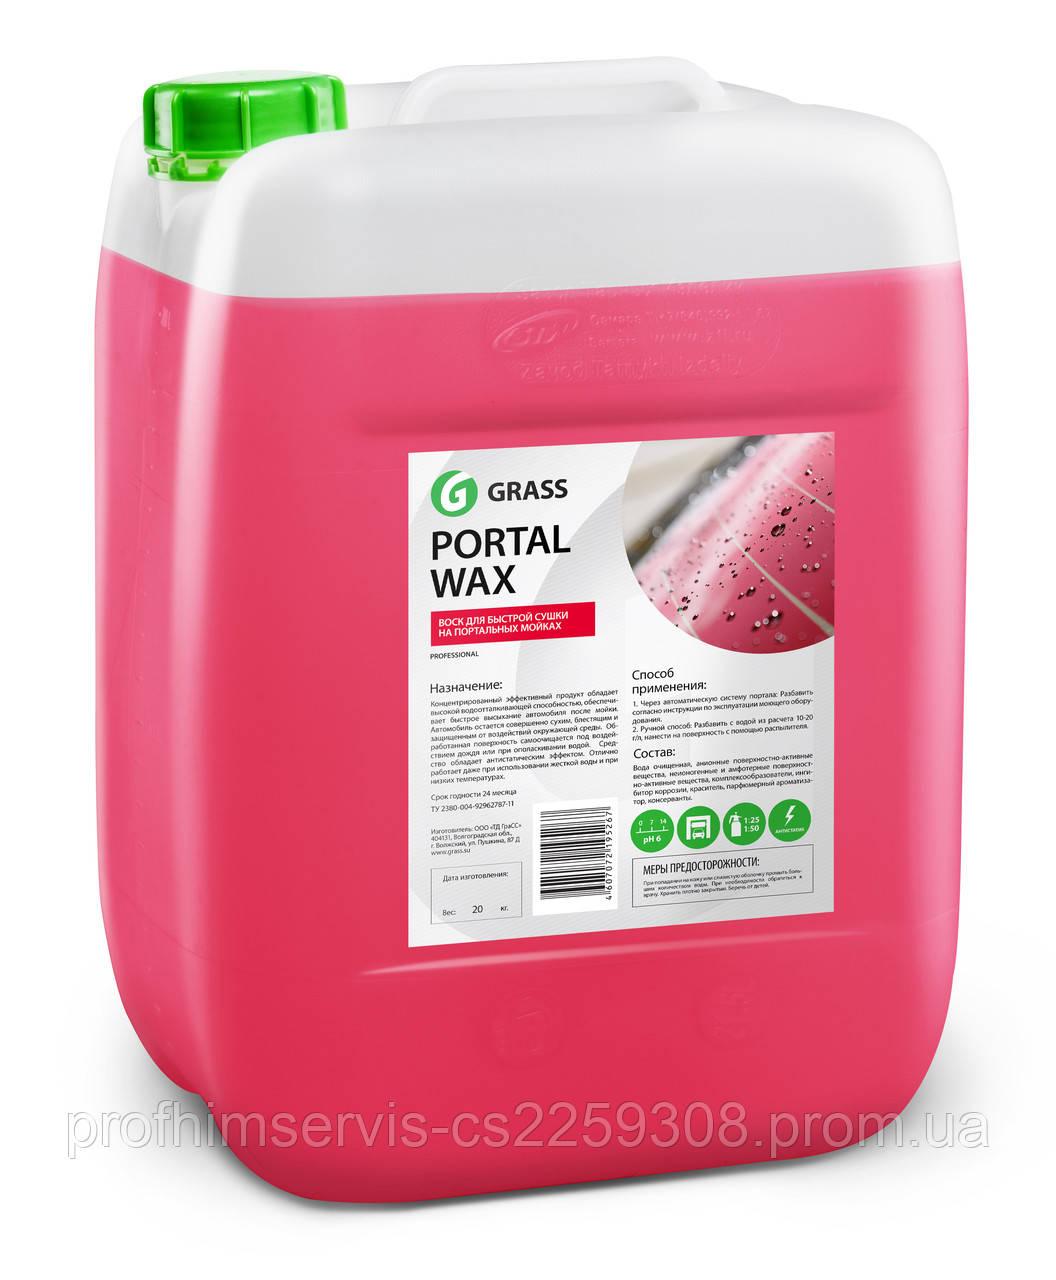 GRASS Portal Wax 20 кг. Воск для портальных моек